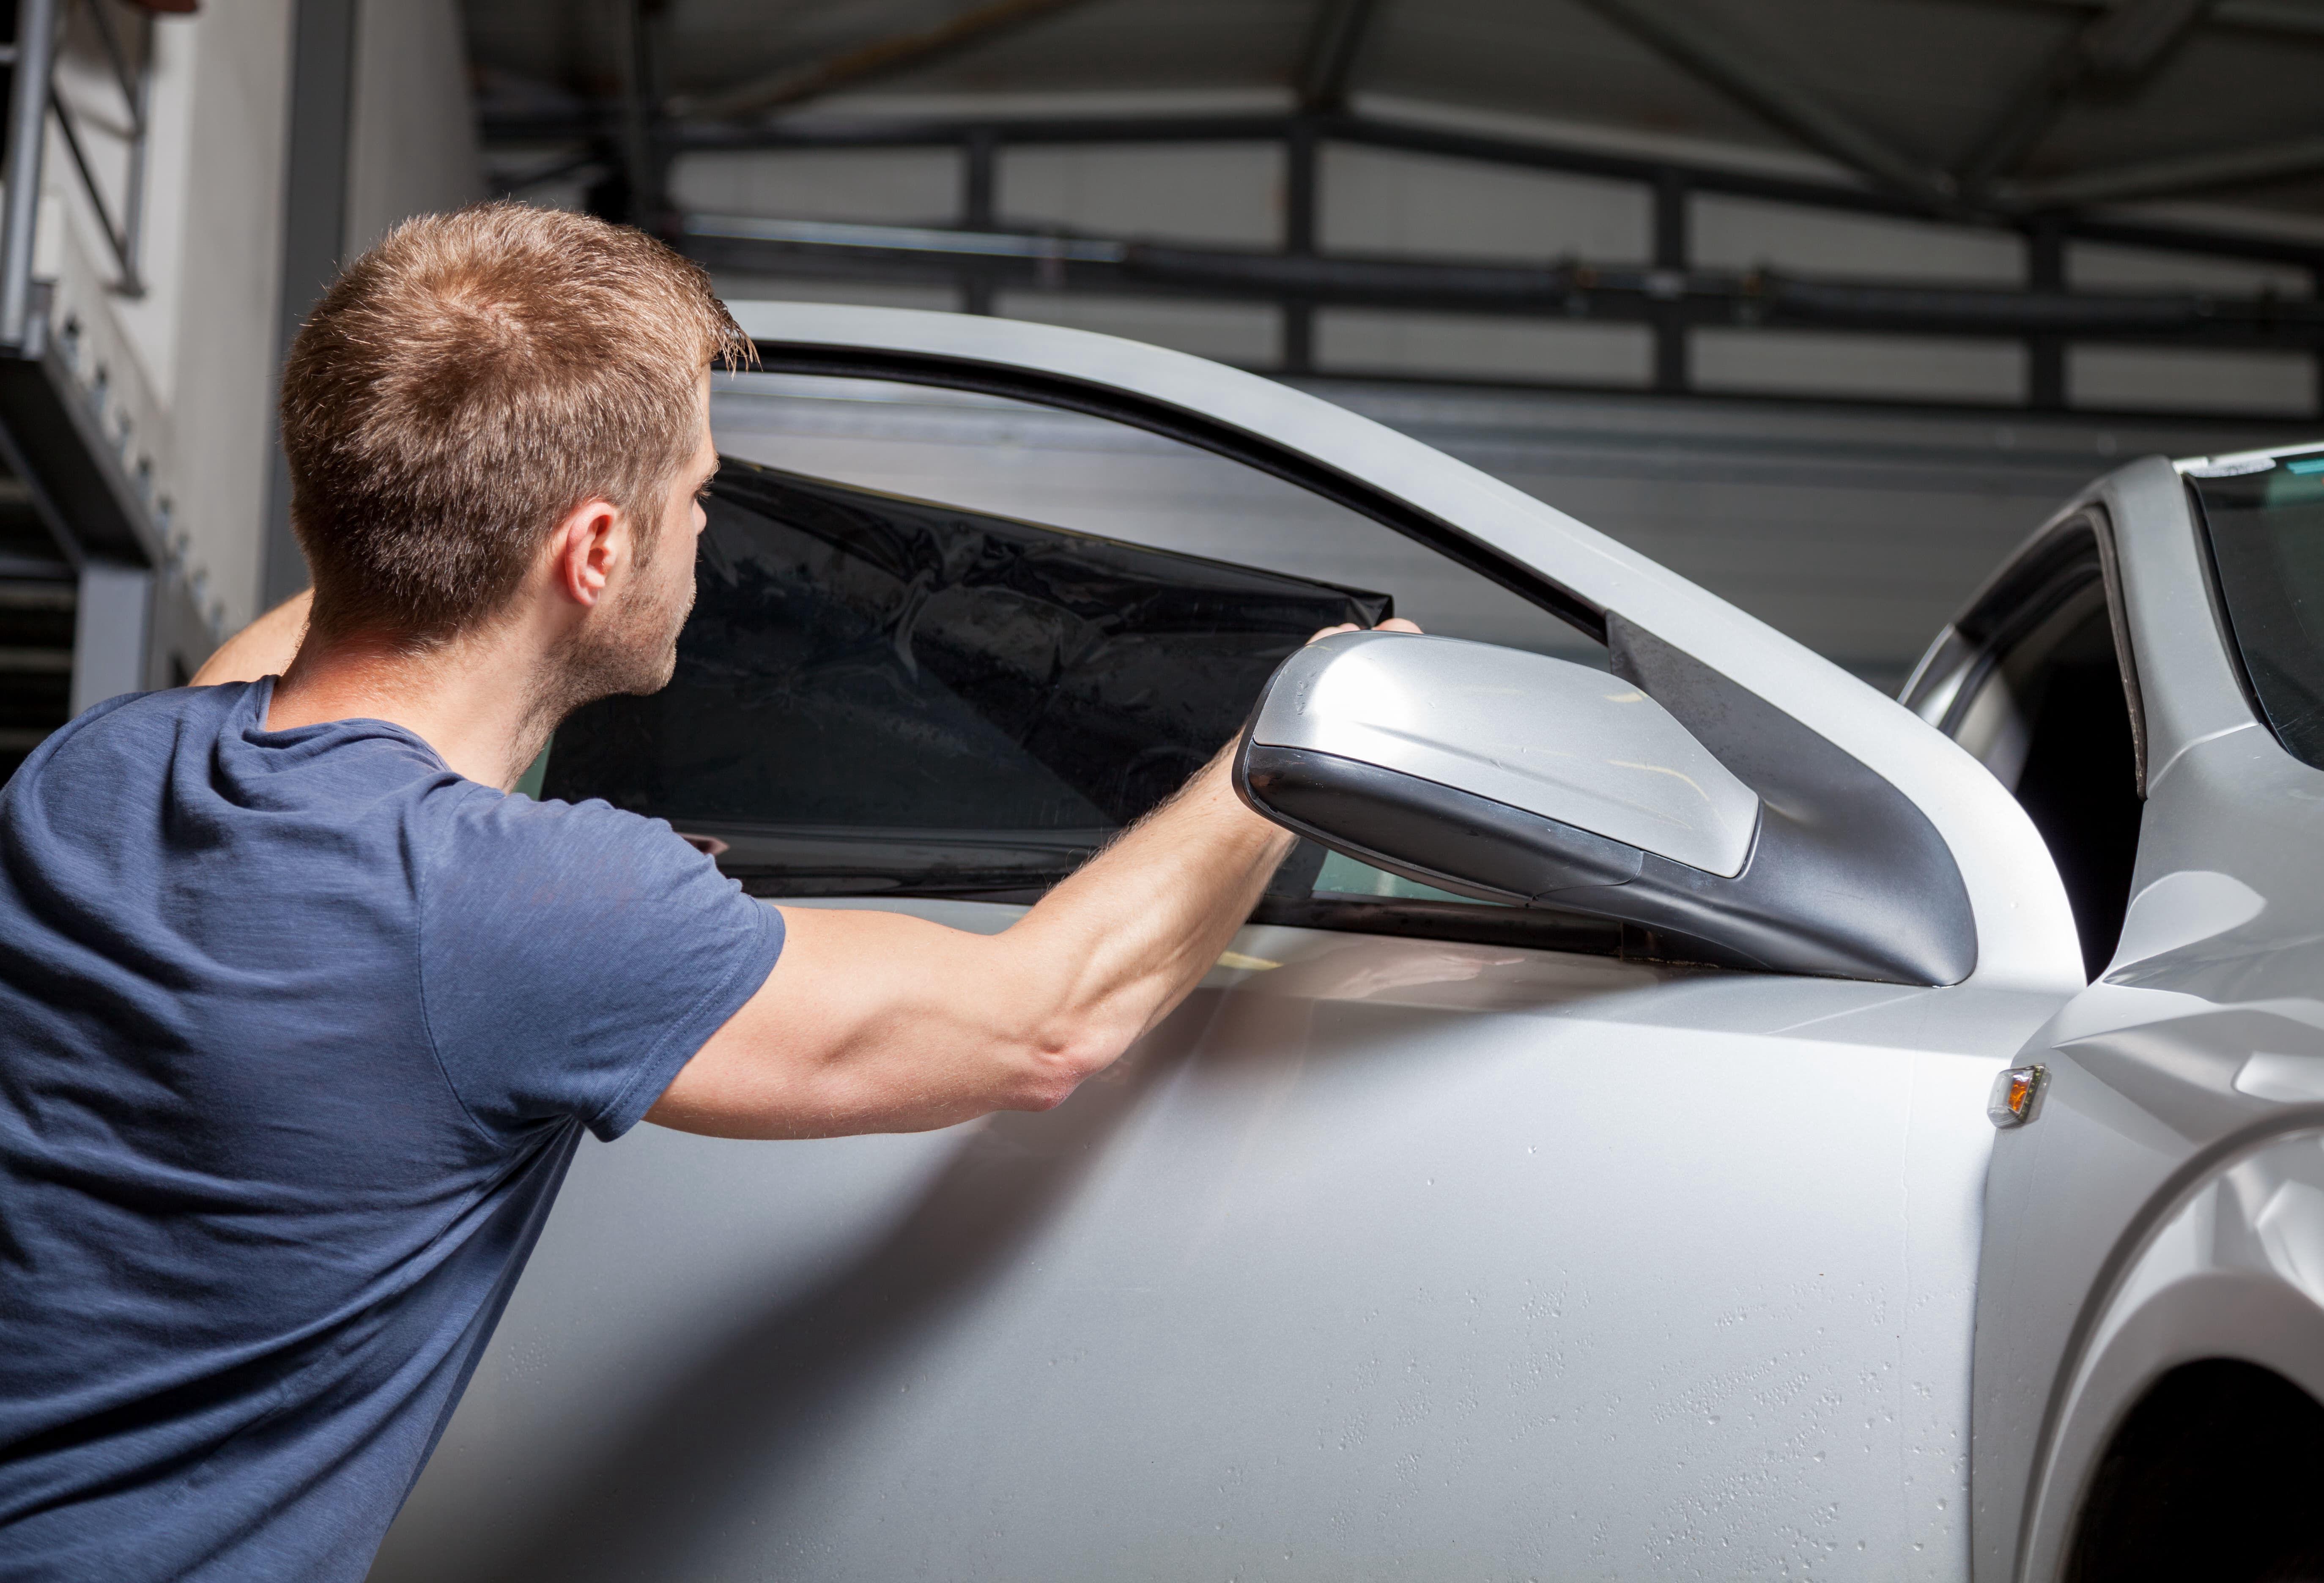 3a99ac9057 Láminas de seguridad: conozca para qué sirven y todo lo necesario en la  protección de su vehículo - Autofact